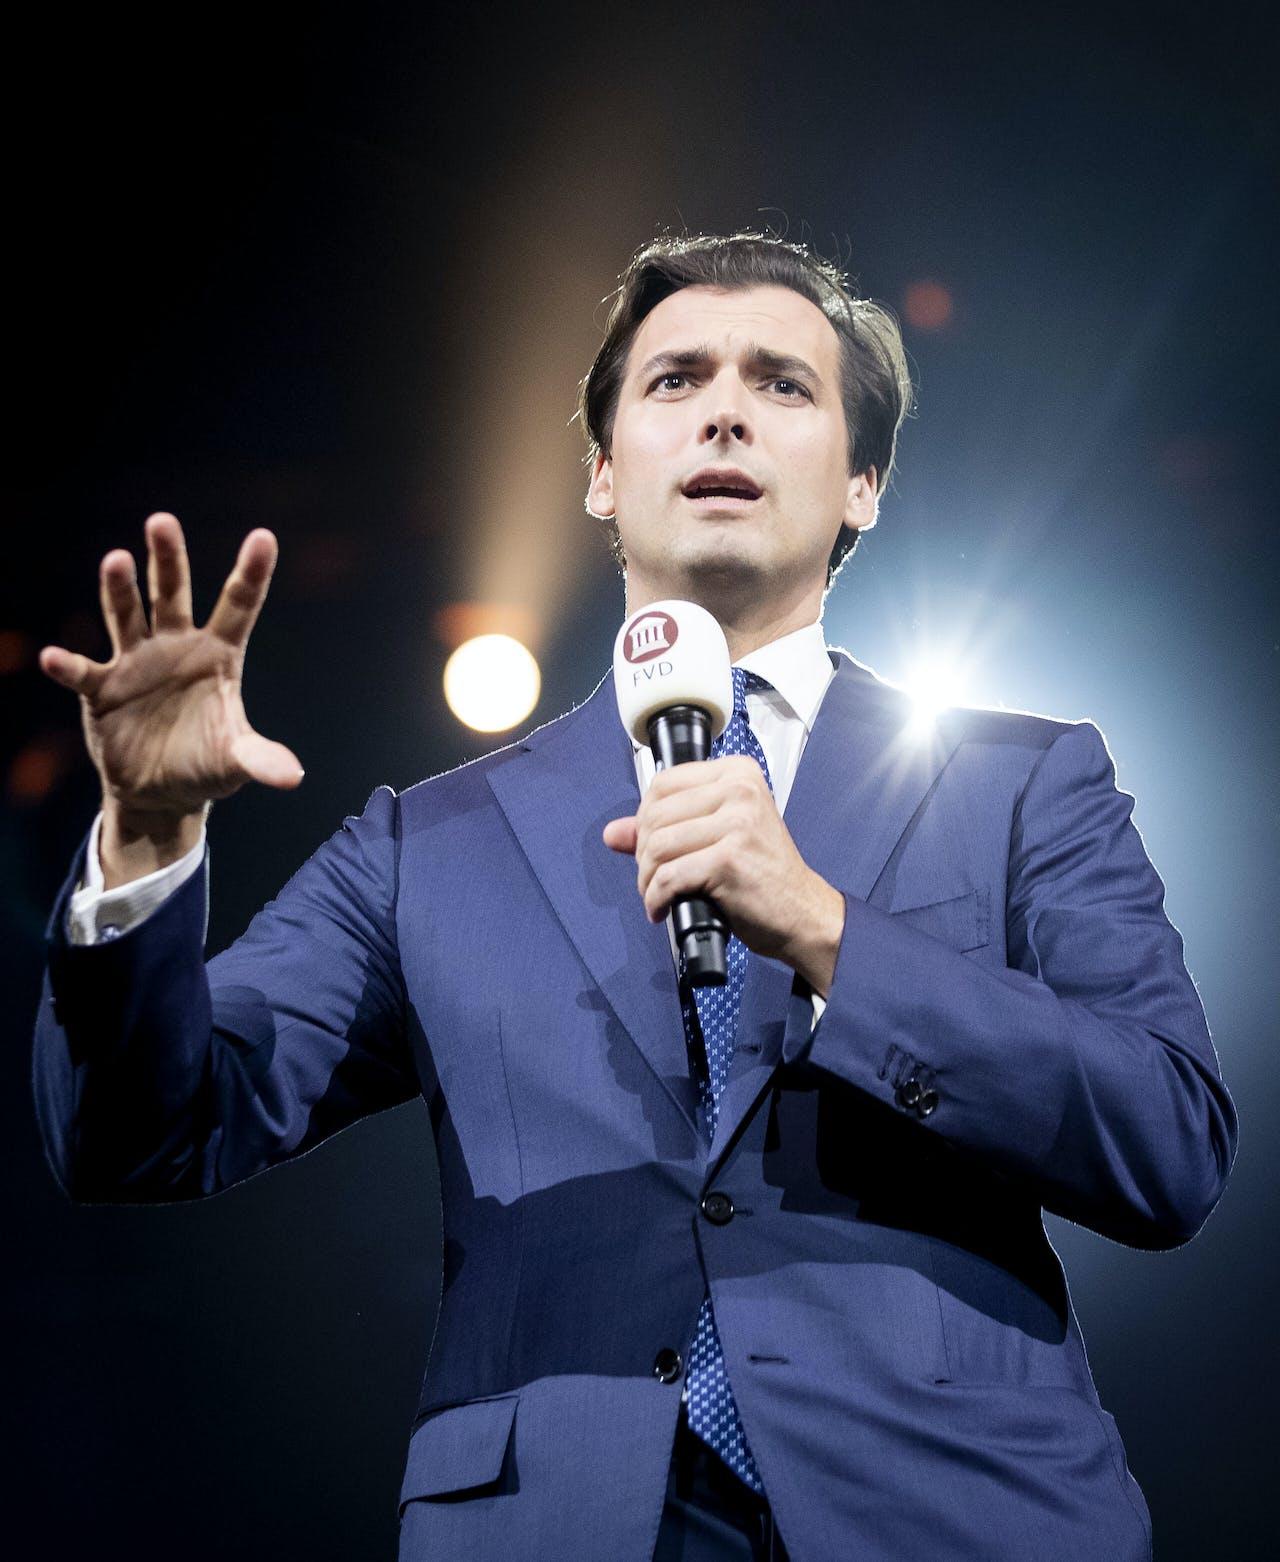 Thierry Baudet, toen nog lijsttrekker, tijdens de presentatie van de eerste tien kandidaten van Forum voor Democratie voor de Tweede Kamerverkiezingen.